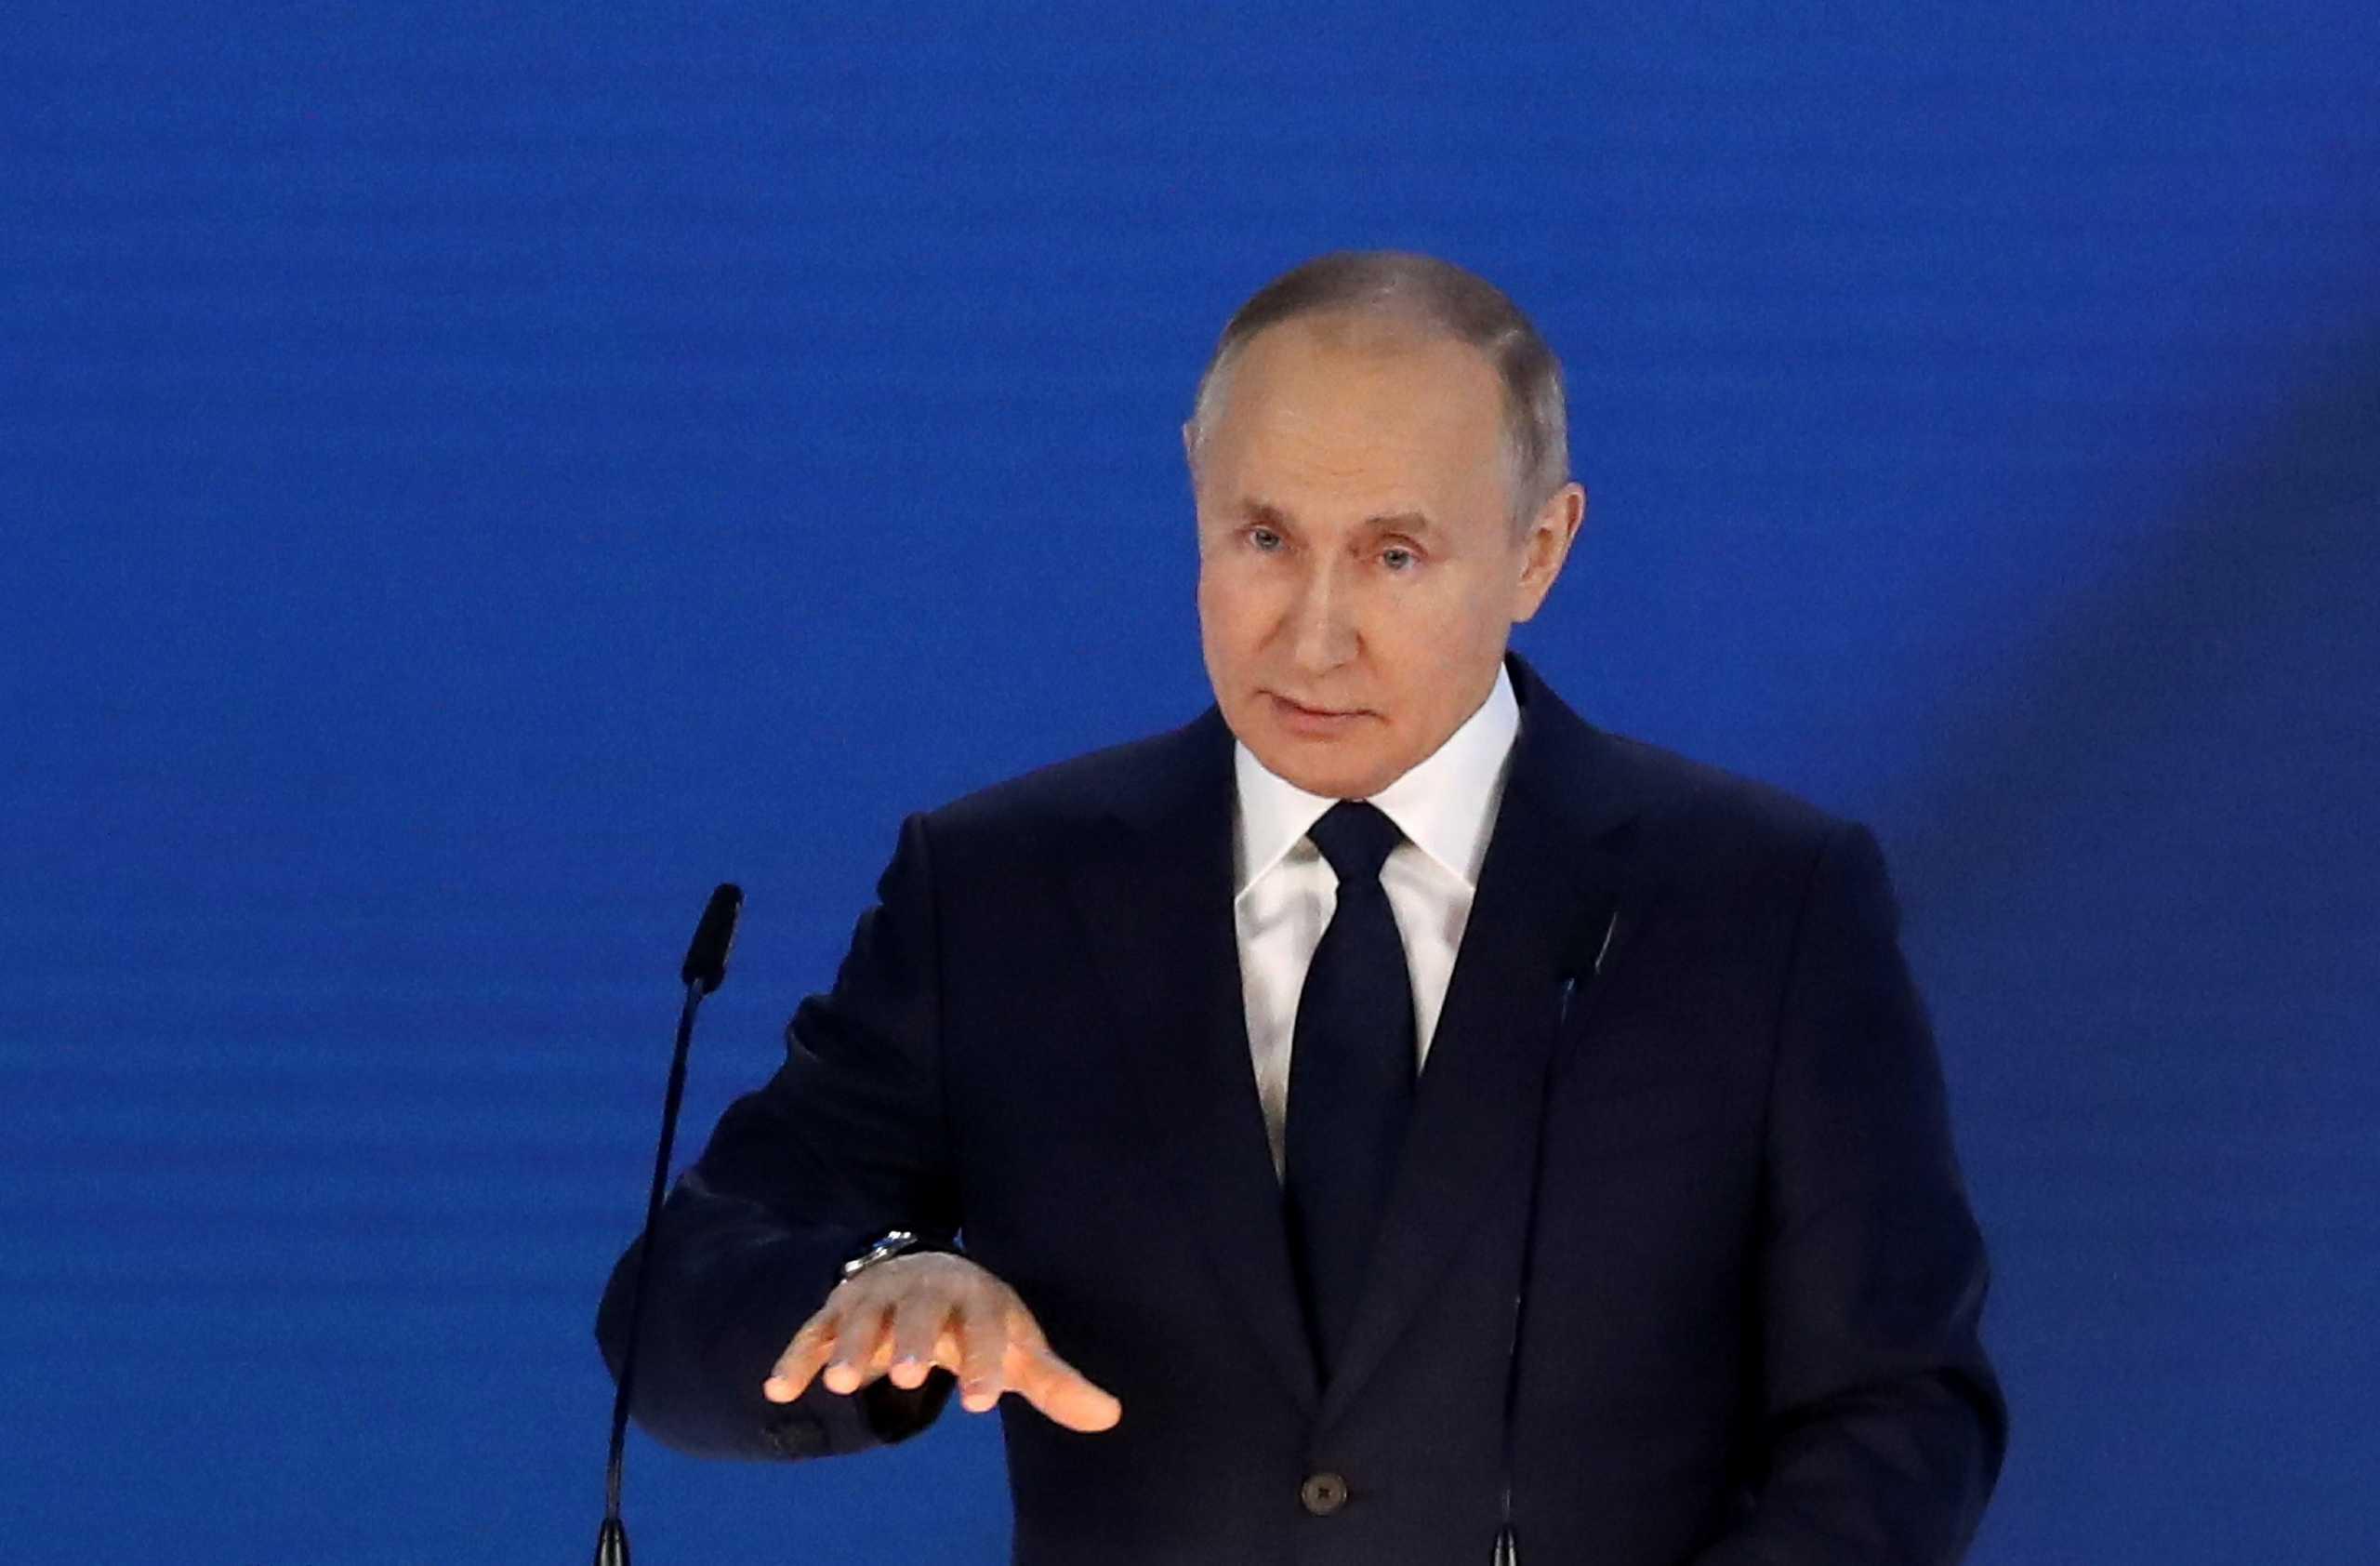 Ο Πούτιν δηλώνει  έτοιμος να συναντηθεί με τον Ουκρανό Πρόεδρο